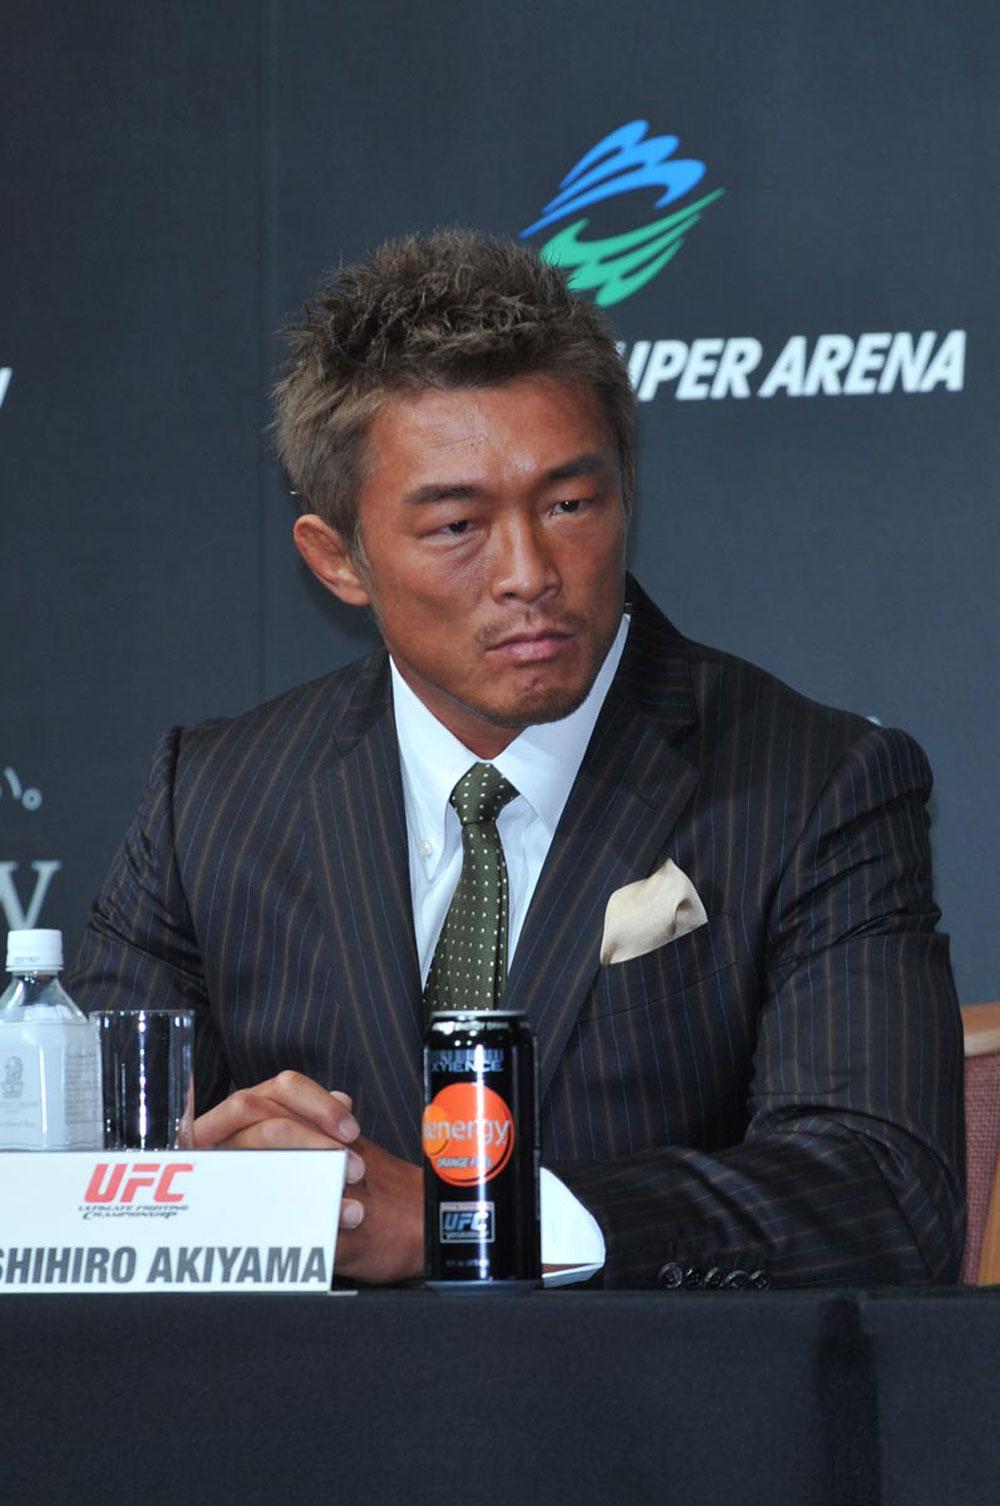 UFC welterweight Yoshihiro Akiyama